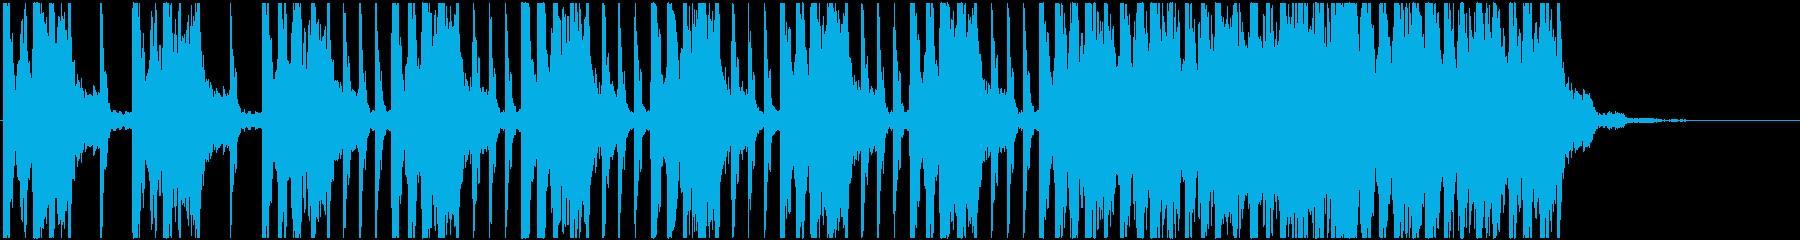 緊張 恐怖 不安 <弦楽器B+4つ打ち>の再生済みの波形